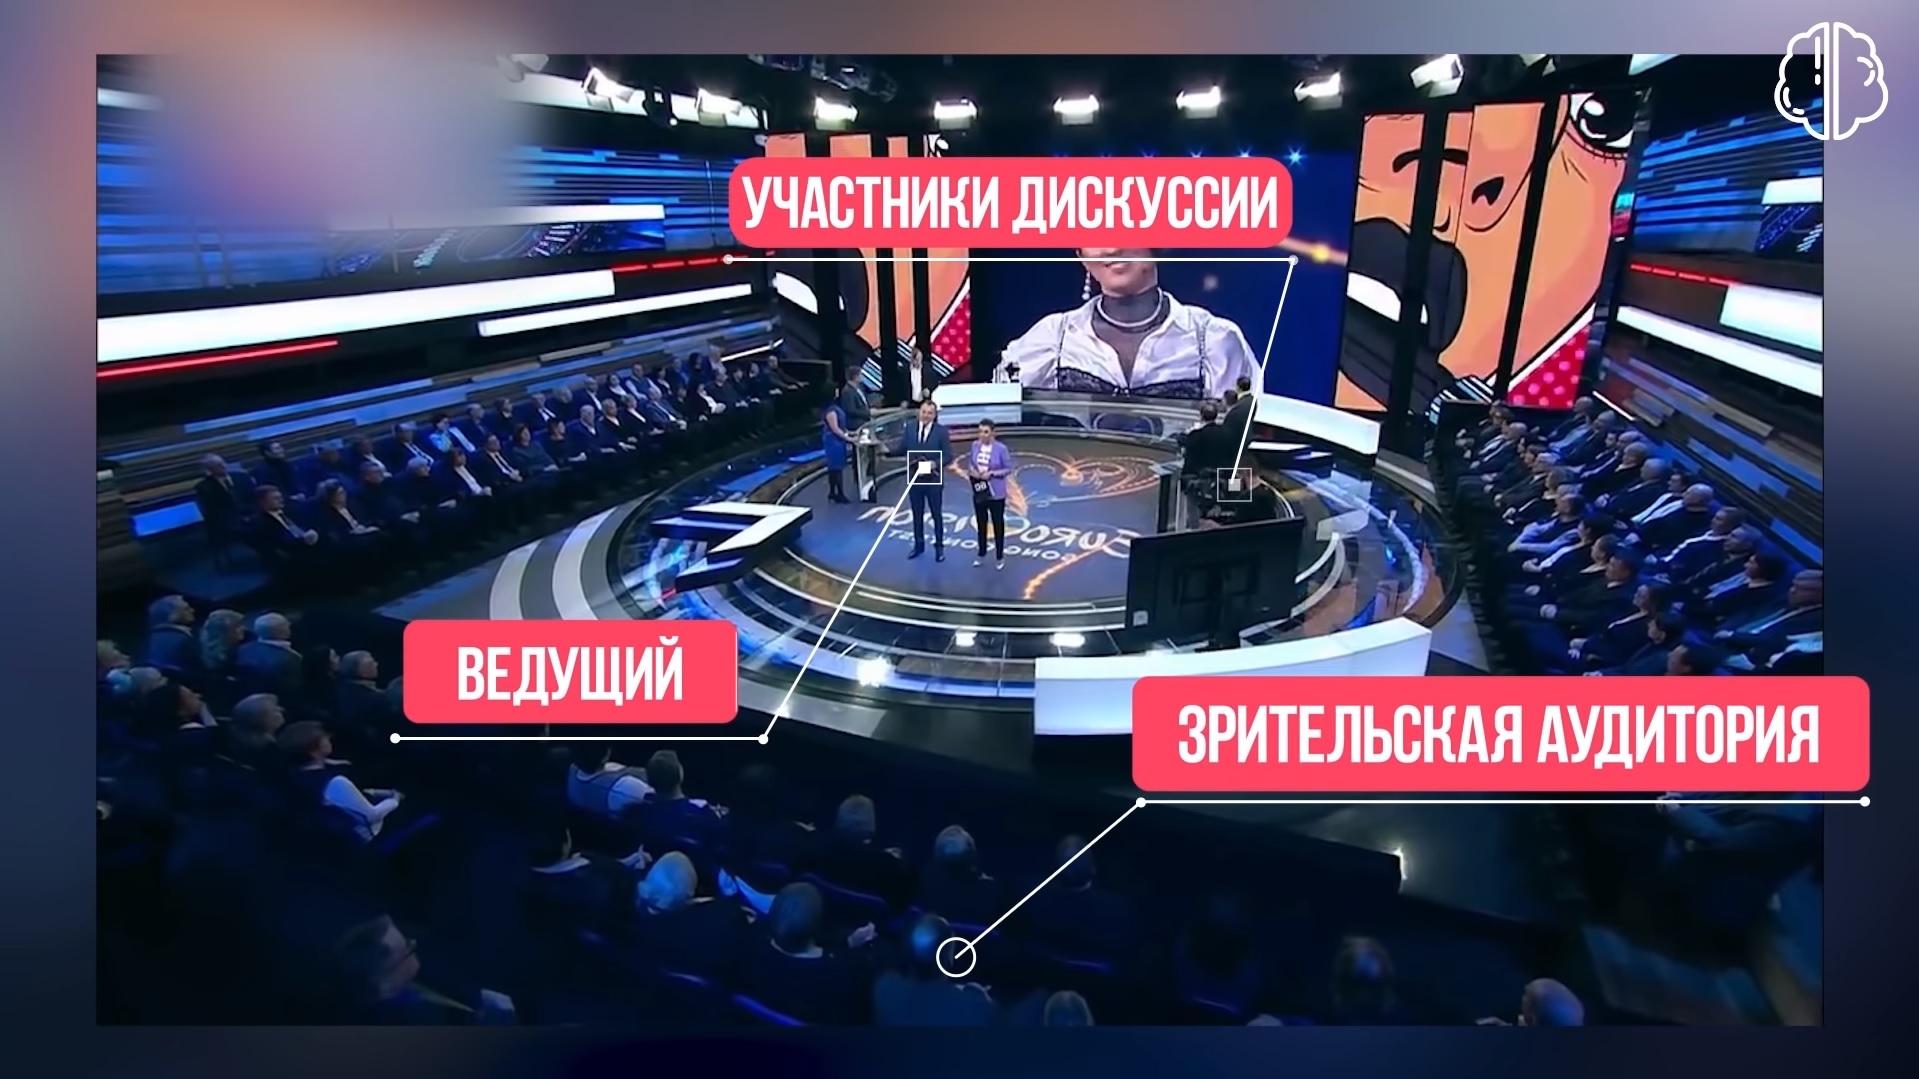 Почему они все больше и больше наглеют в эфире российского ТВ ...   1079x1919